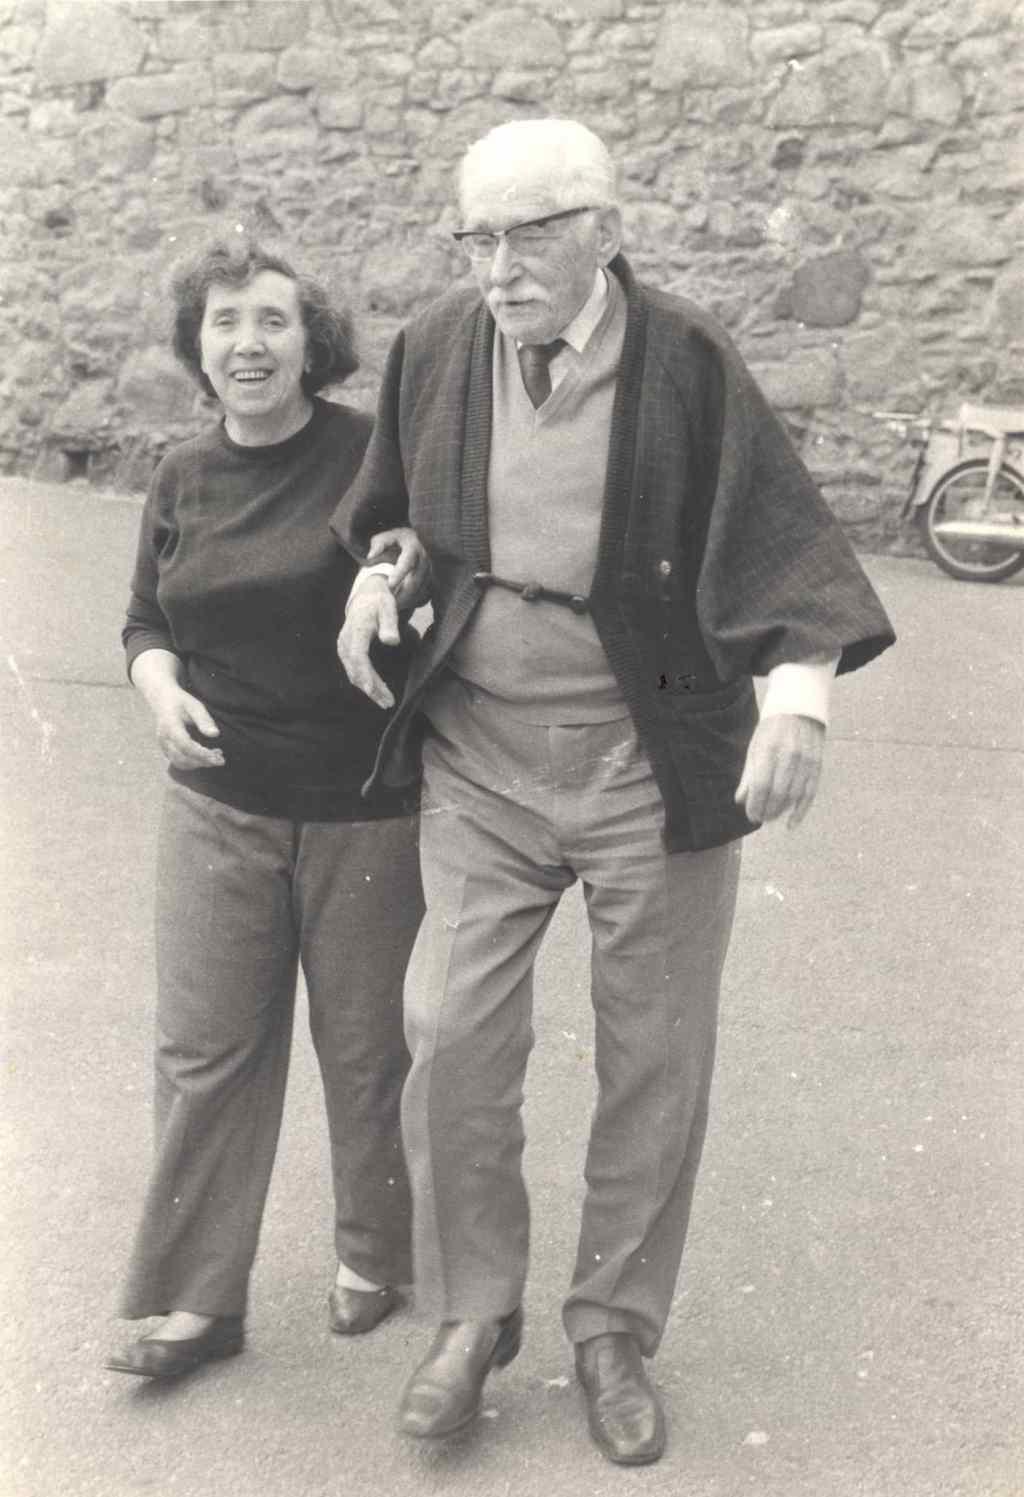 Bernard Leach and Trudi Scott. Courtesy of Jeff Oestreich. Craft in America CROSSROADS